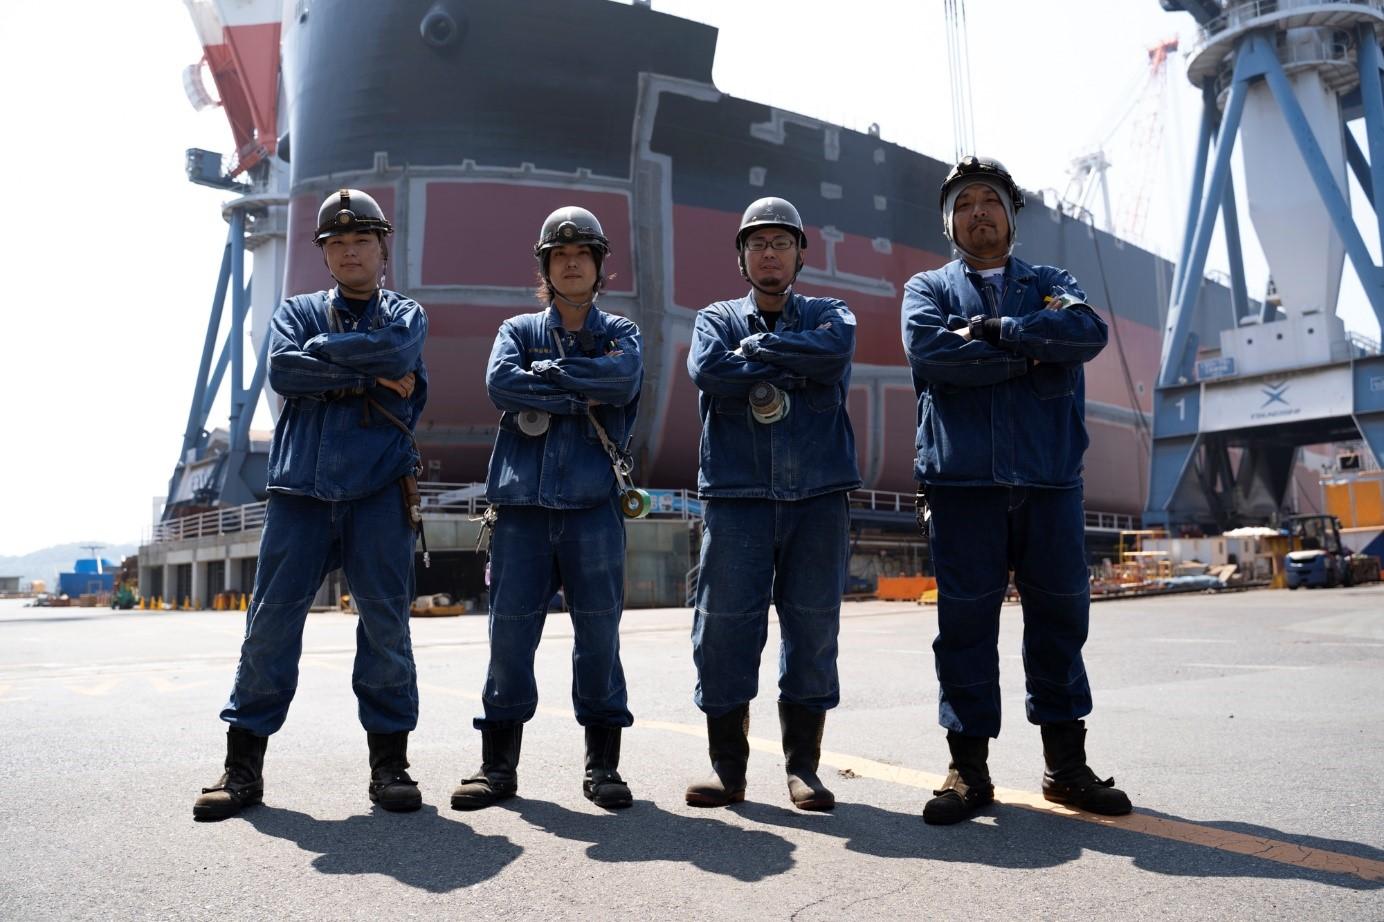 常石造船の船づくりを担う社員を支えるデニム製ユニフォーム